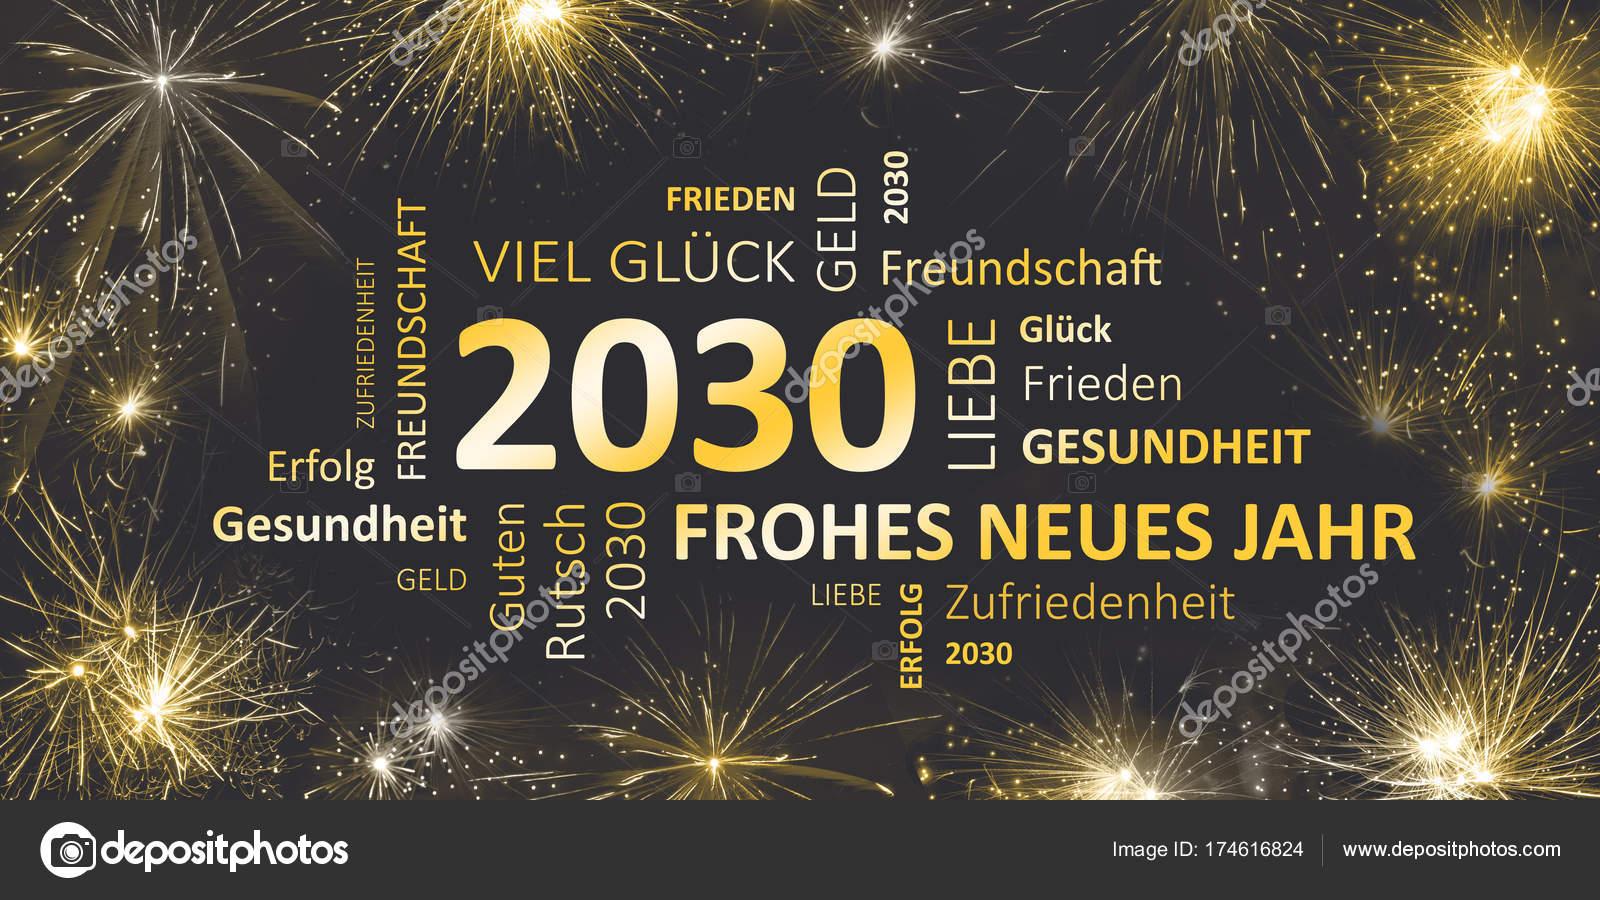 Frohes Neues Jahr Frohes Neues Jahr 2019 10 04